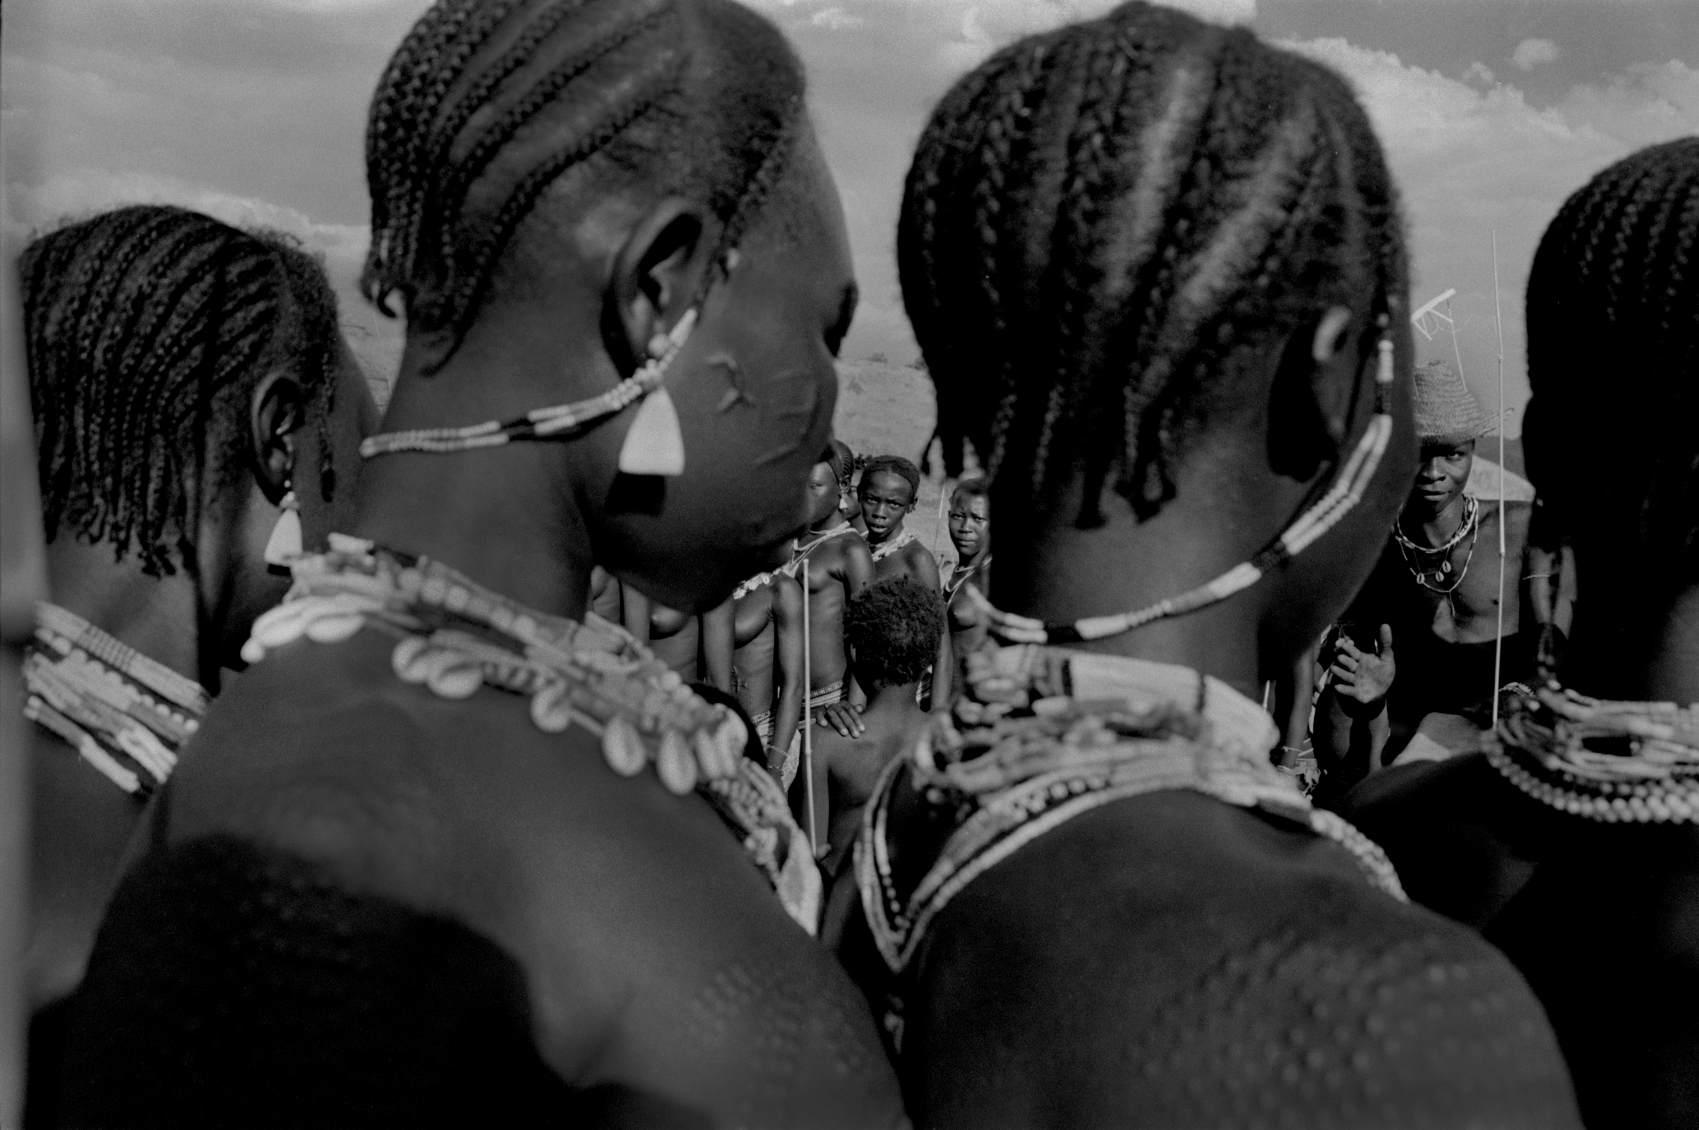 The Nuba Mountains